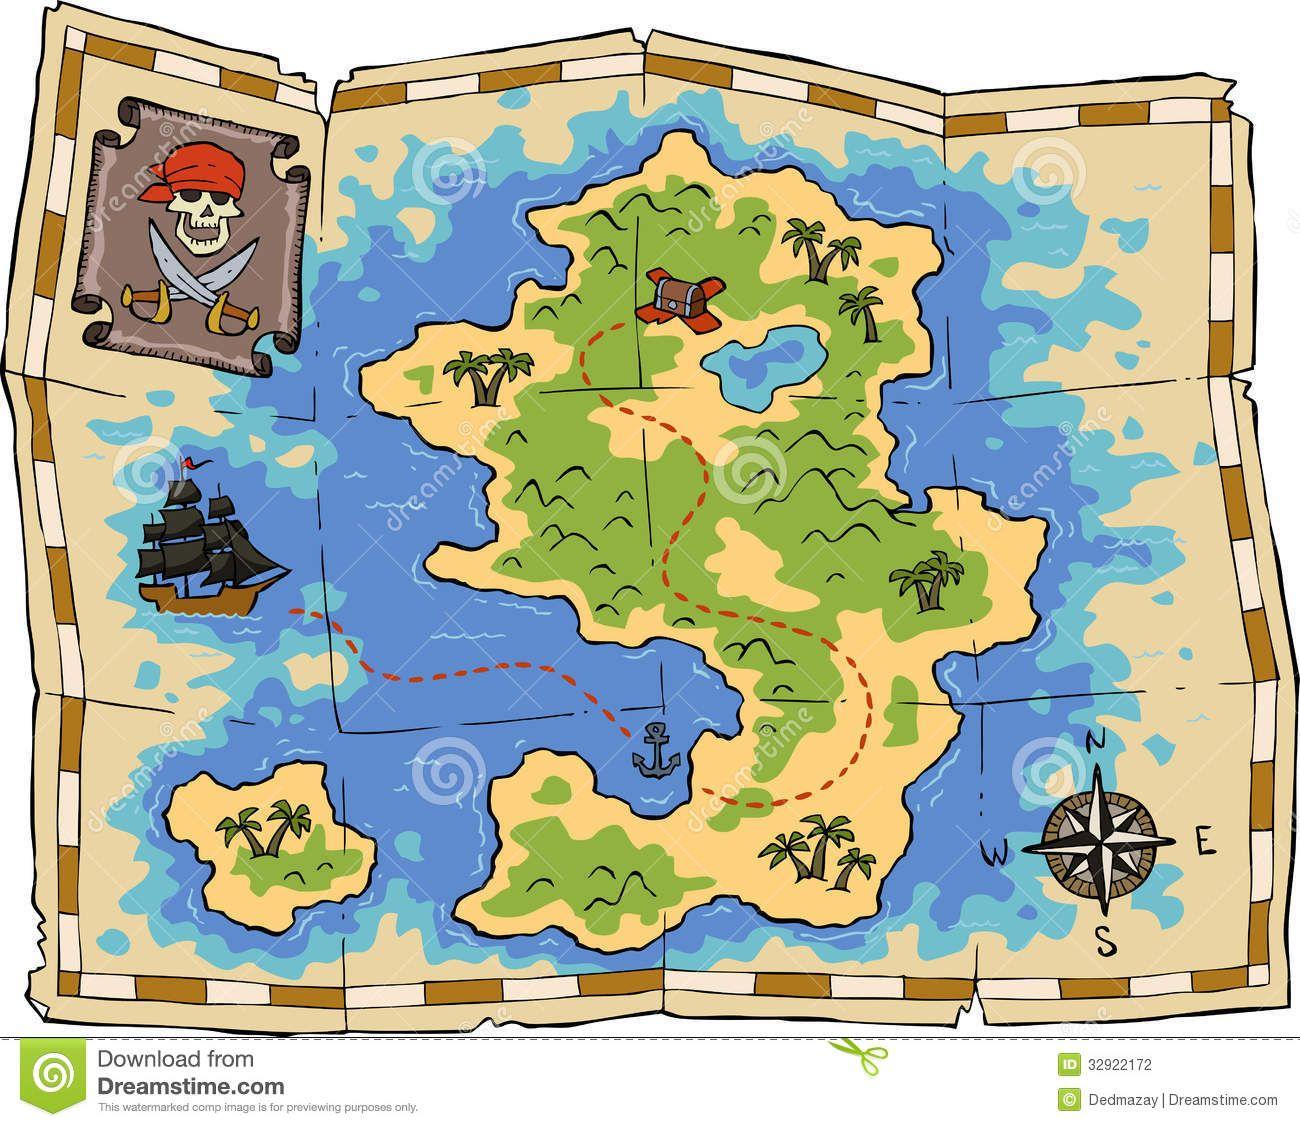 Pirate Treasure Map Rug: Treasure Map - Google Search